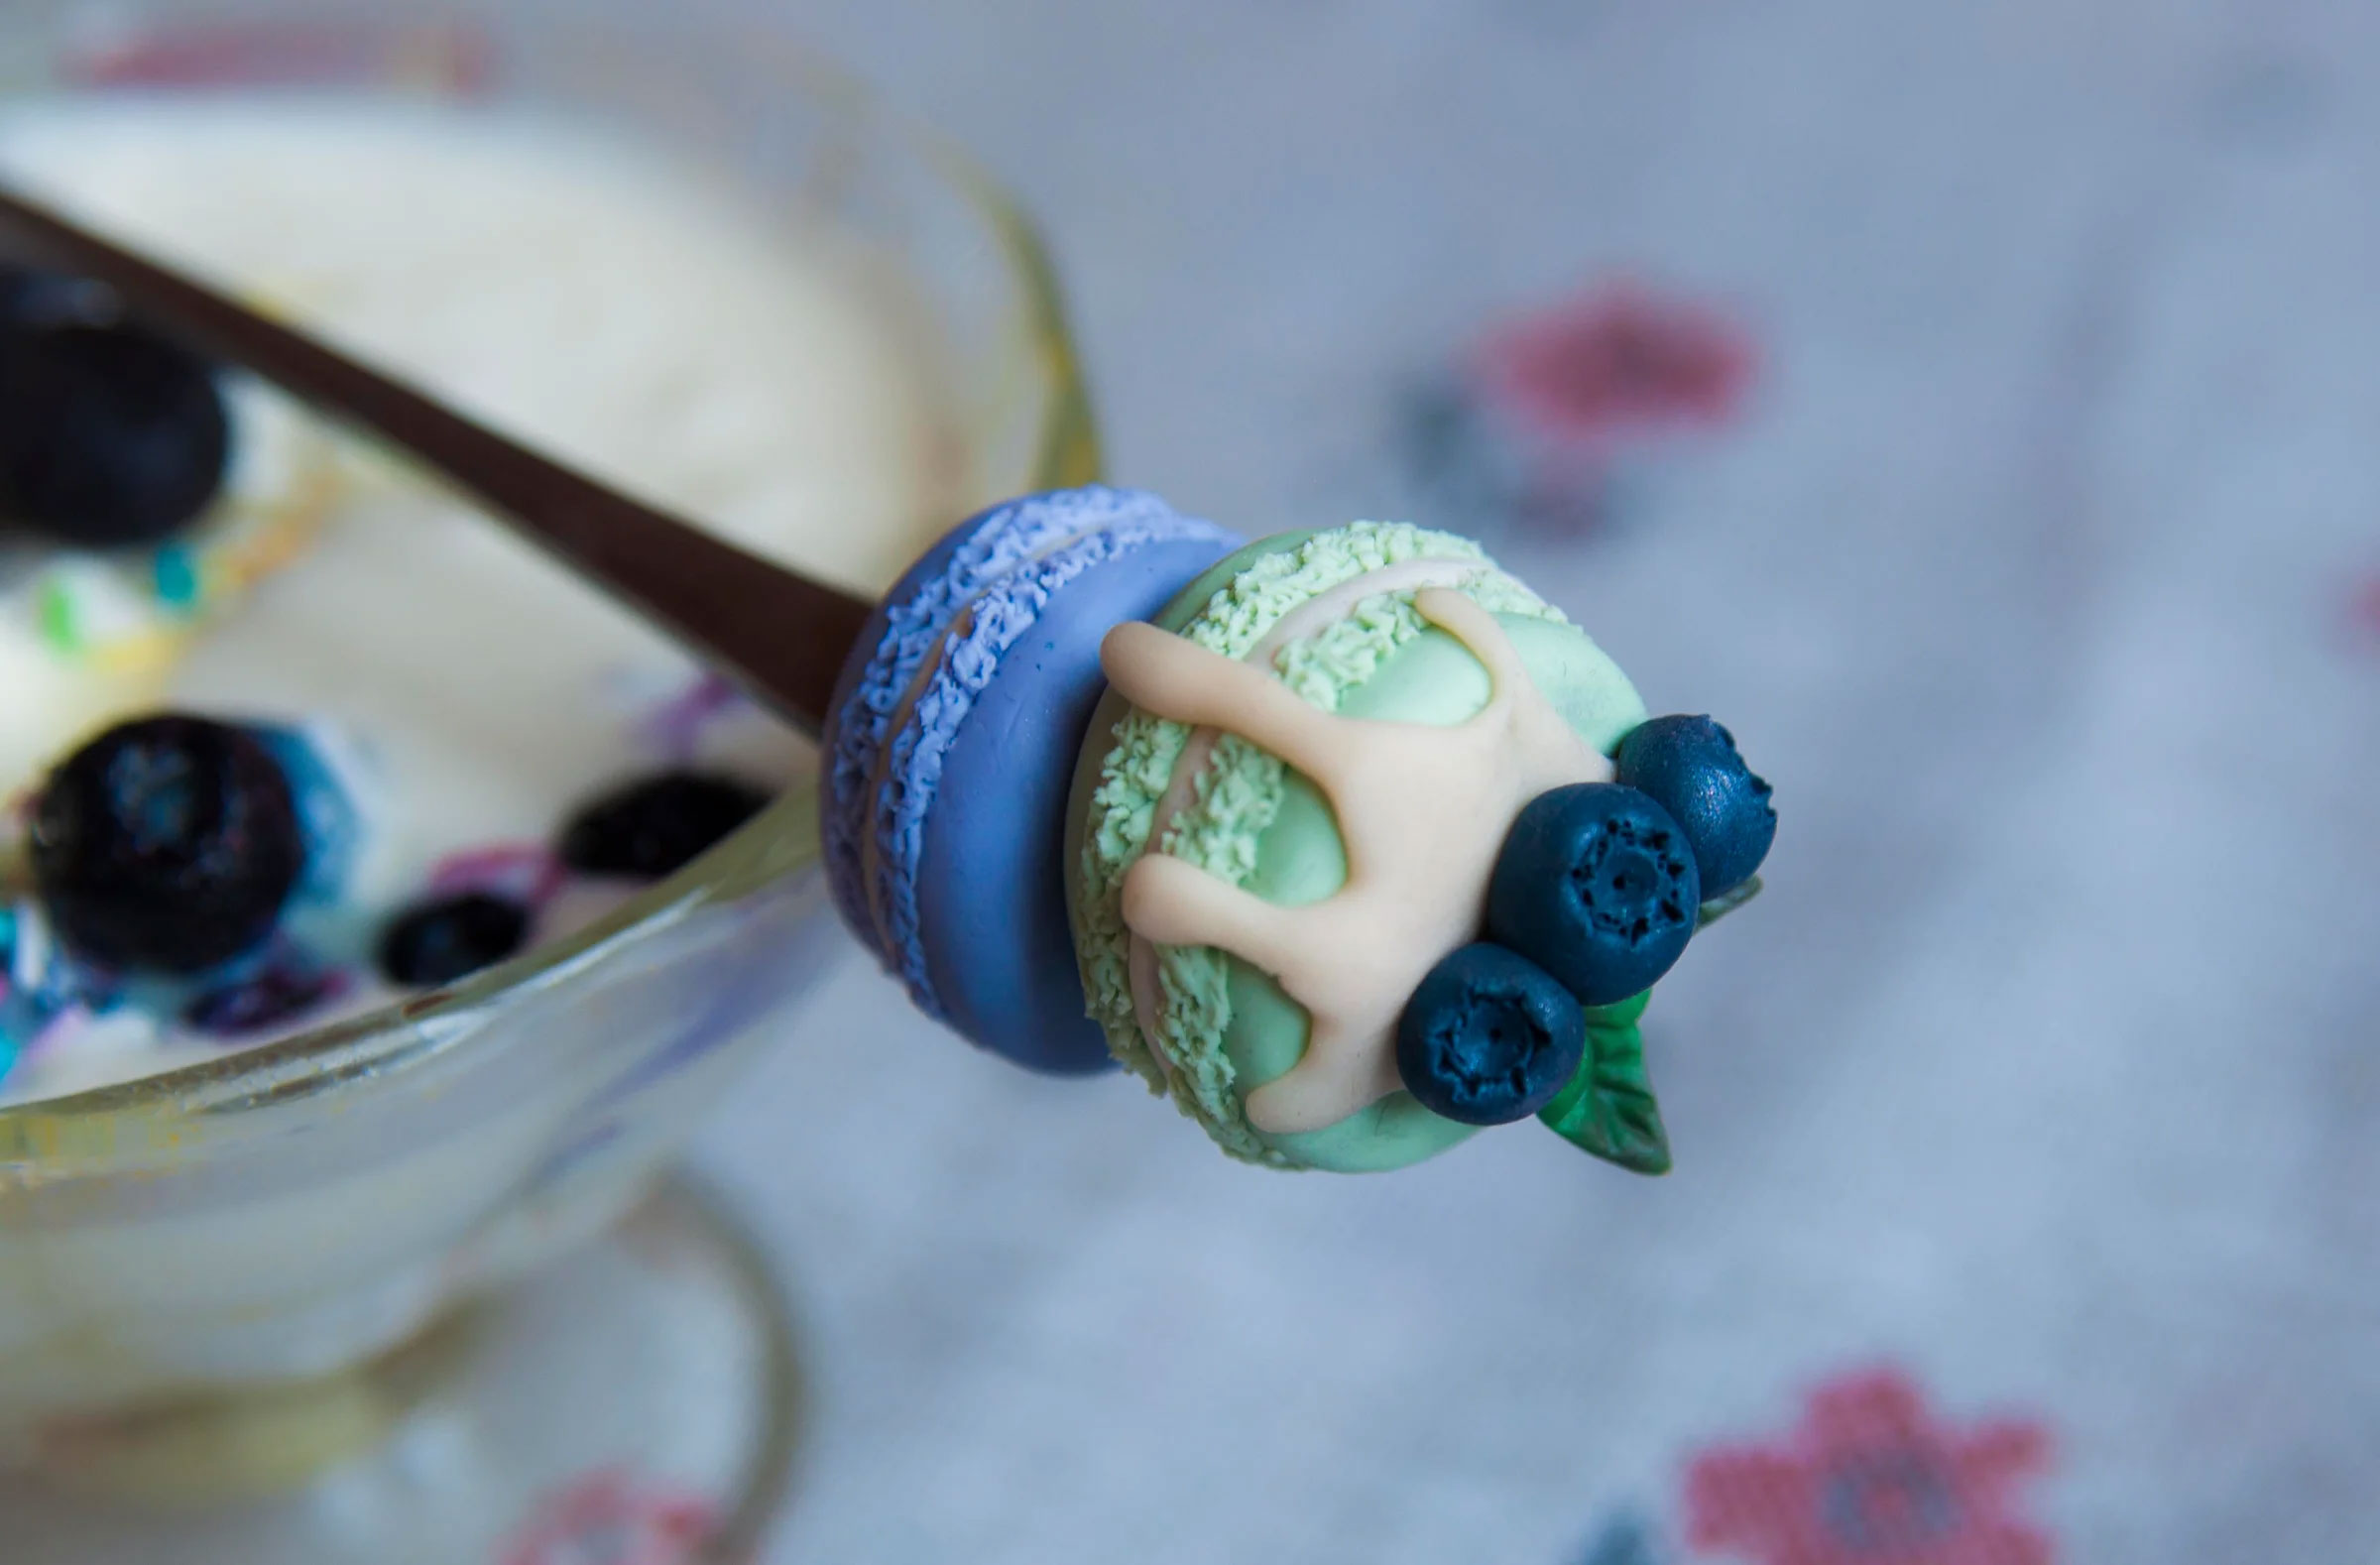 Необычный декор из полимерной глины на обычной чайной ложке своими руками